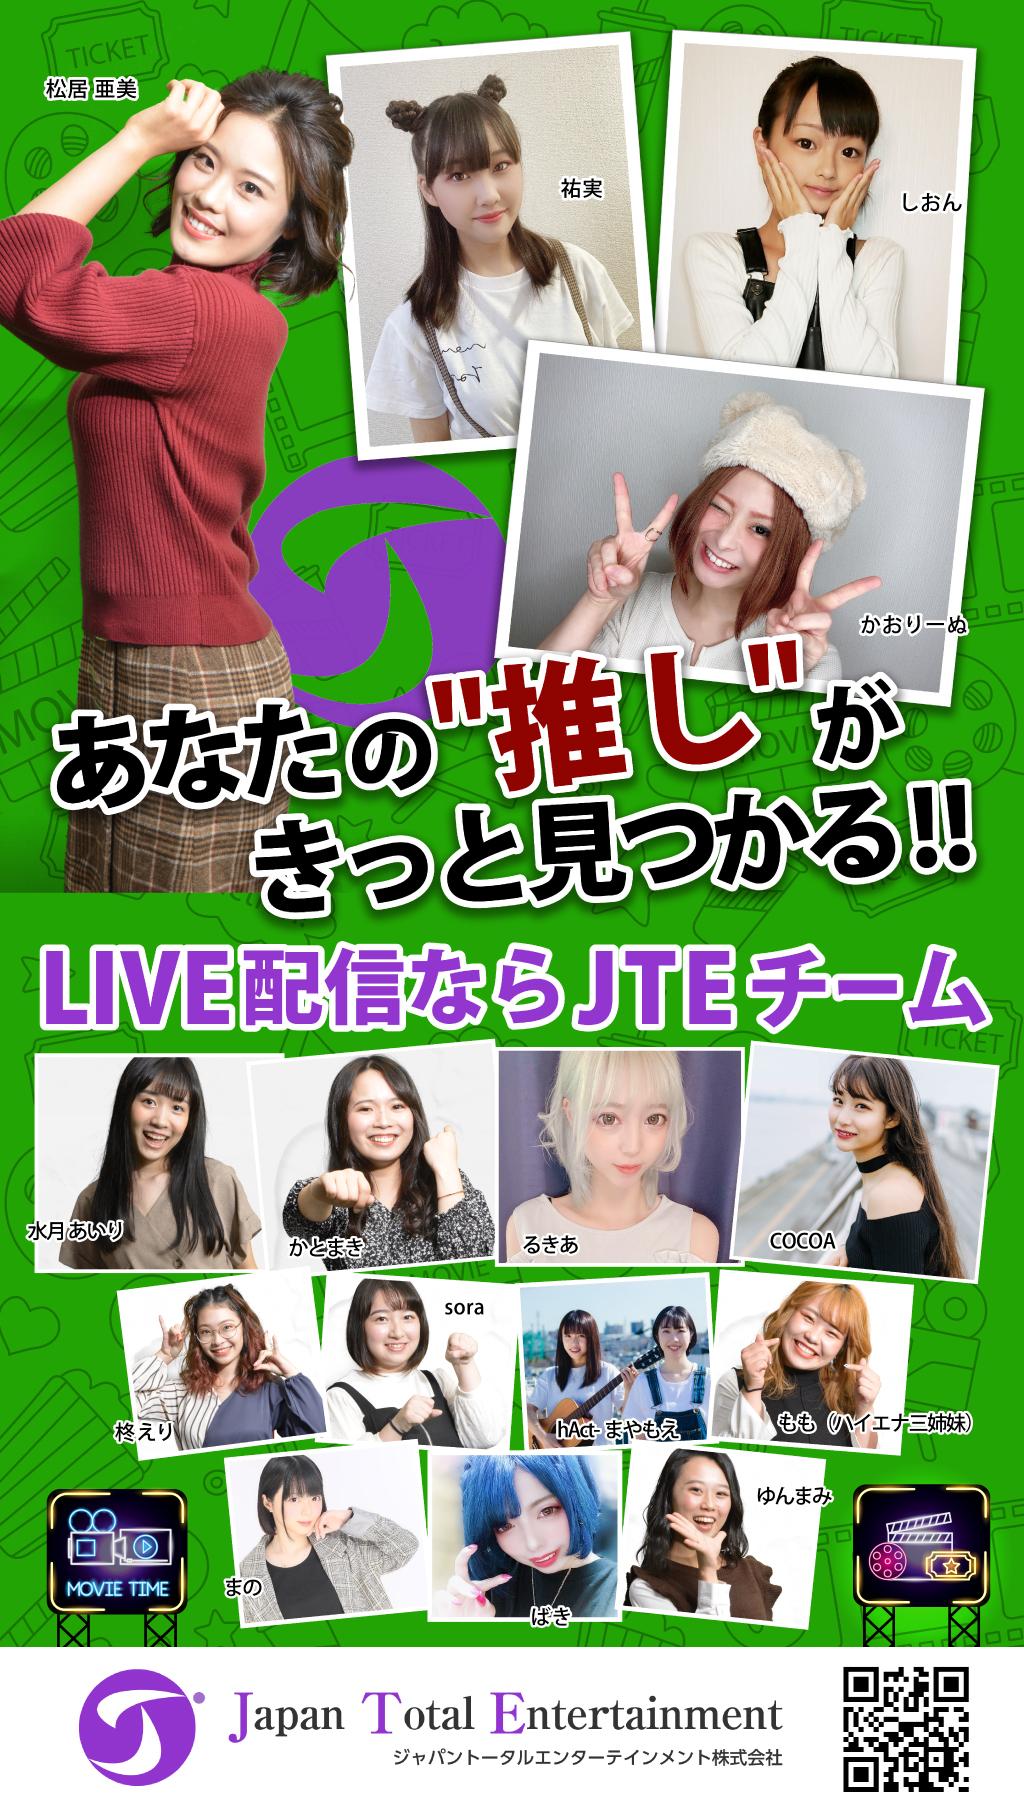 【期間限定】梅田コンコースビジョンにJTEチームの広告掲載中!